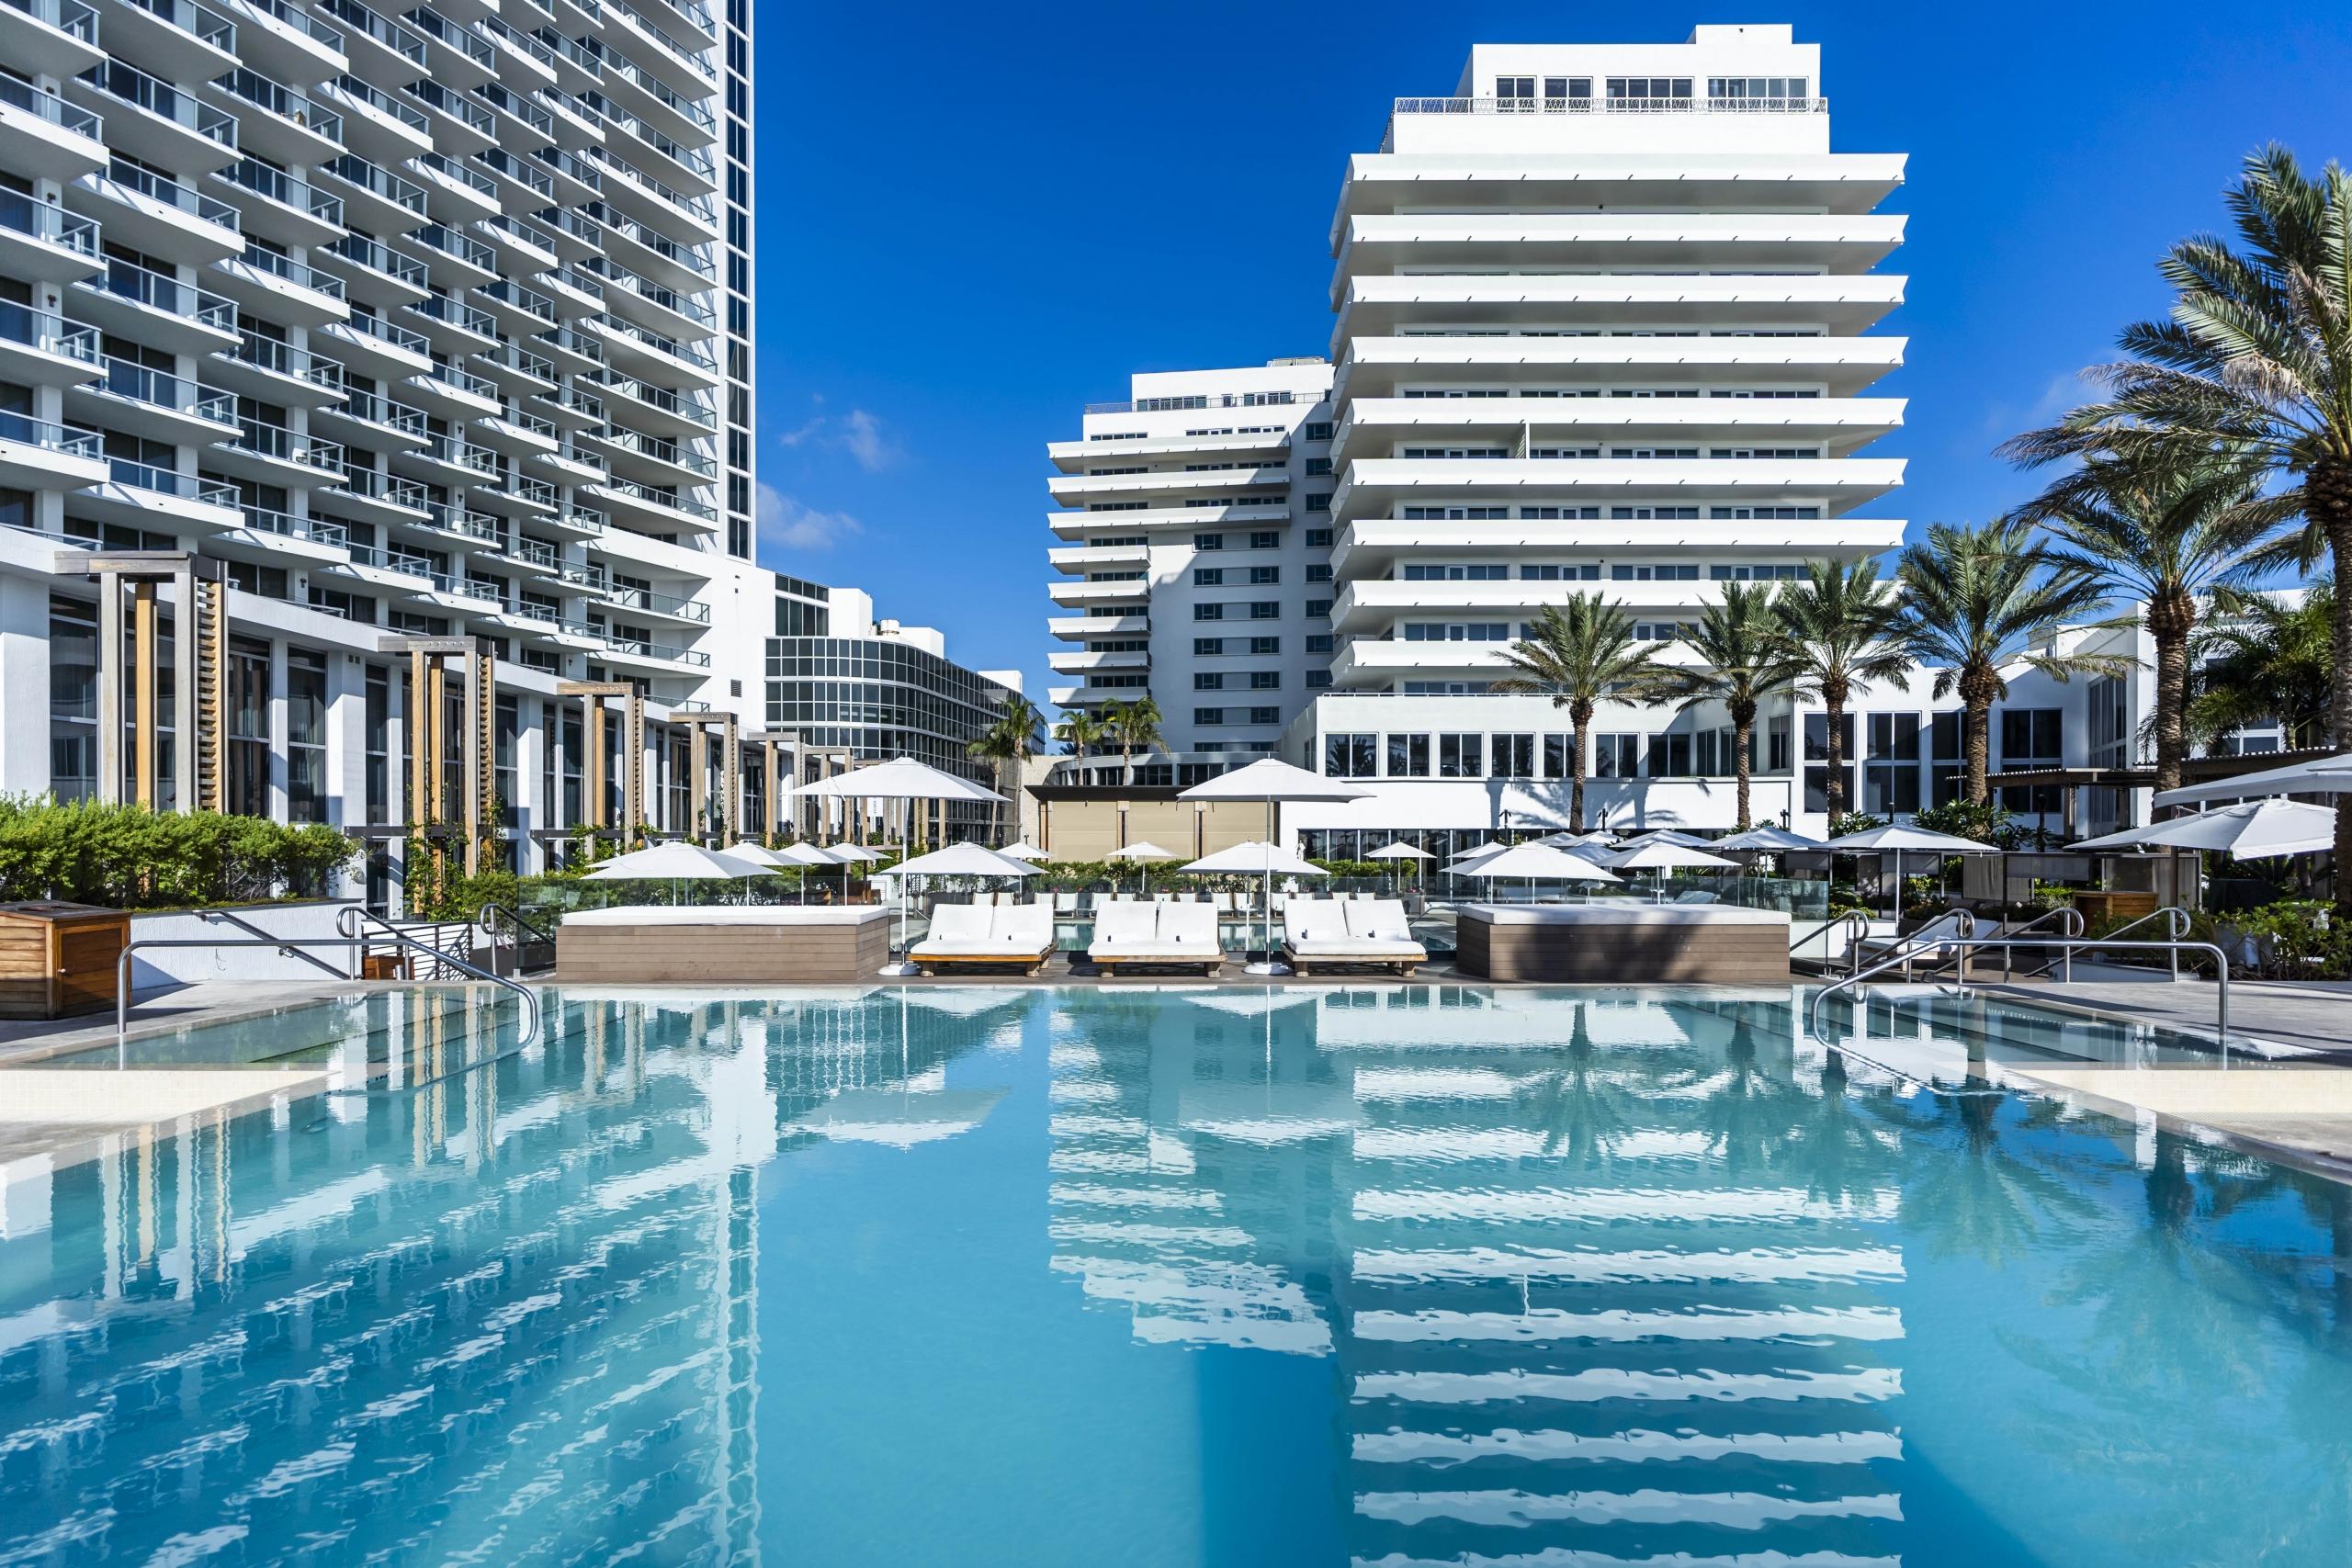 Palladium Pool at Eden Roc, Miami Beach